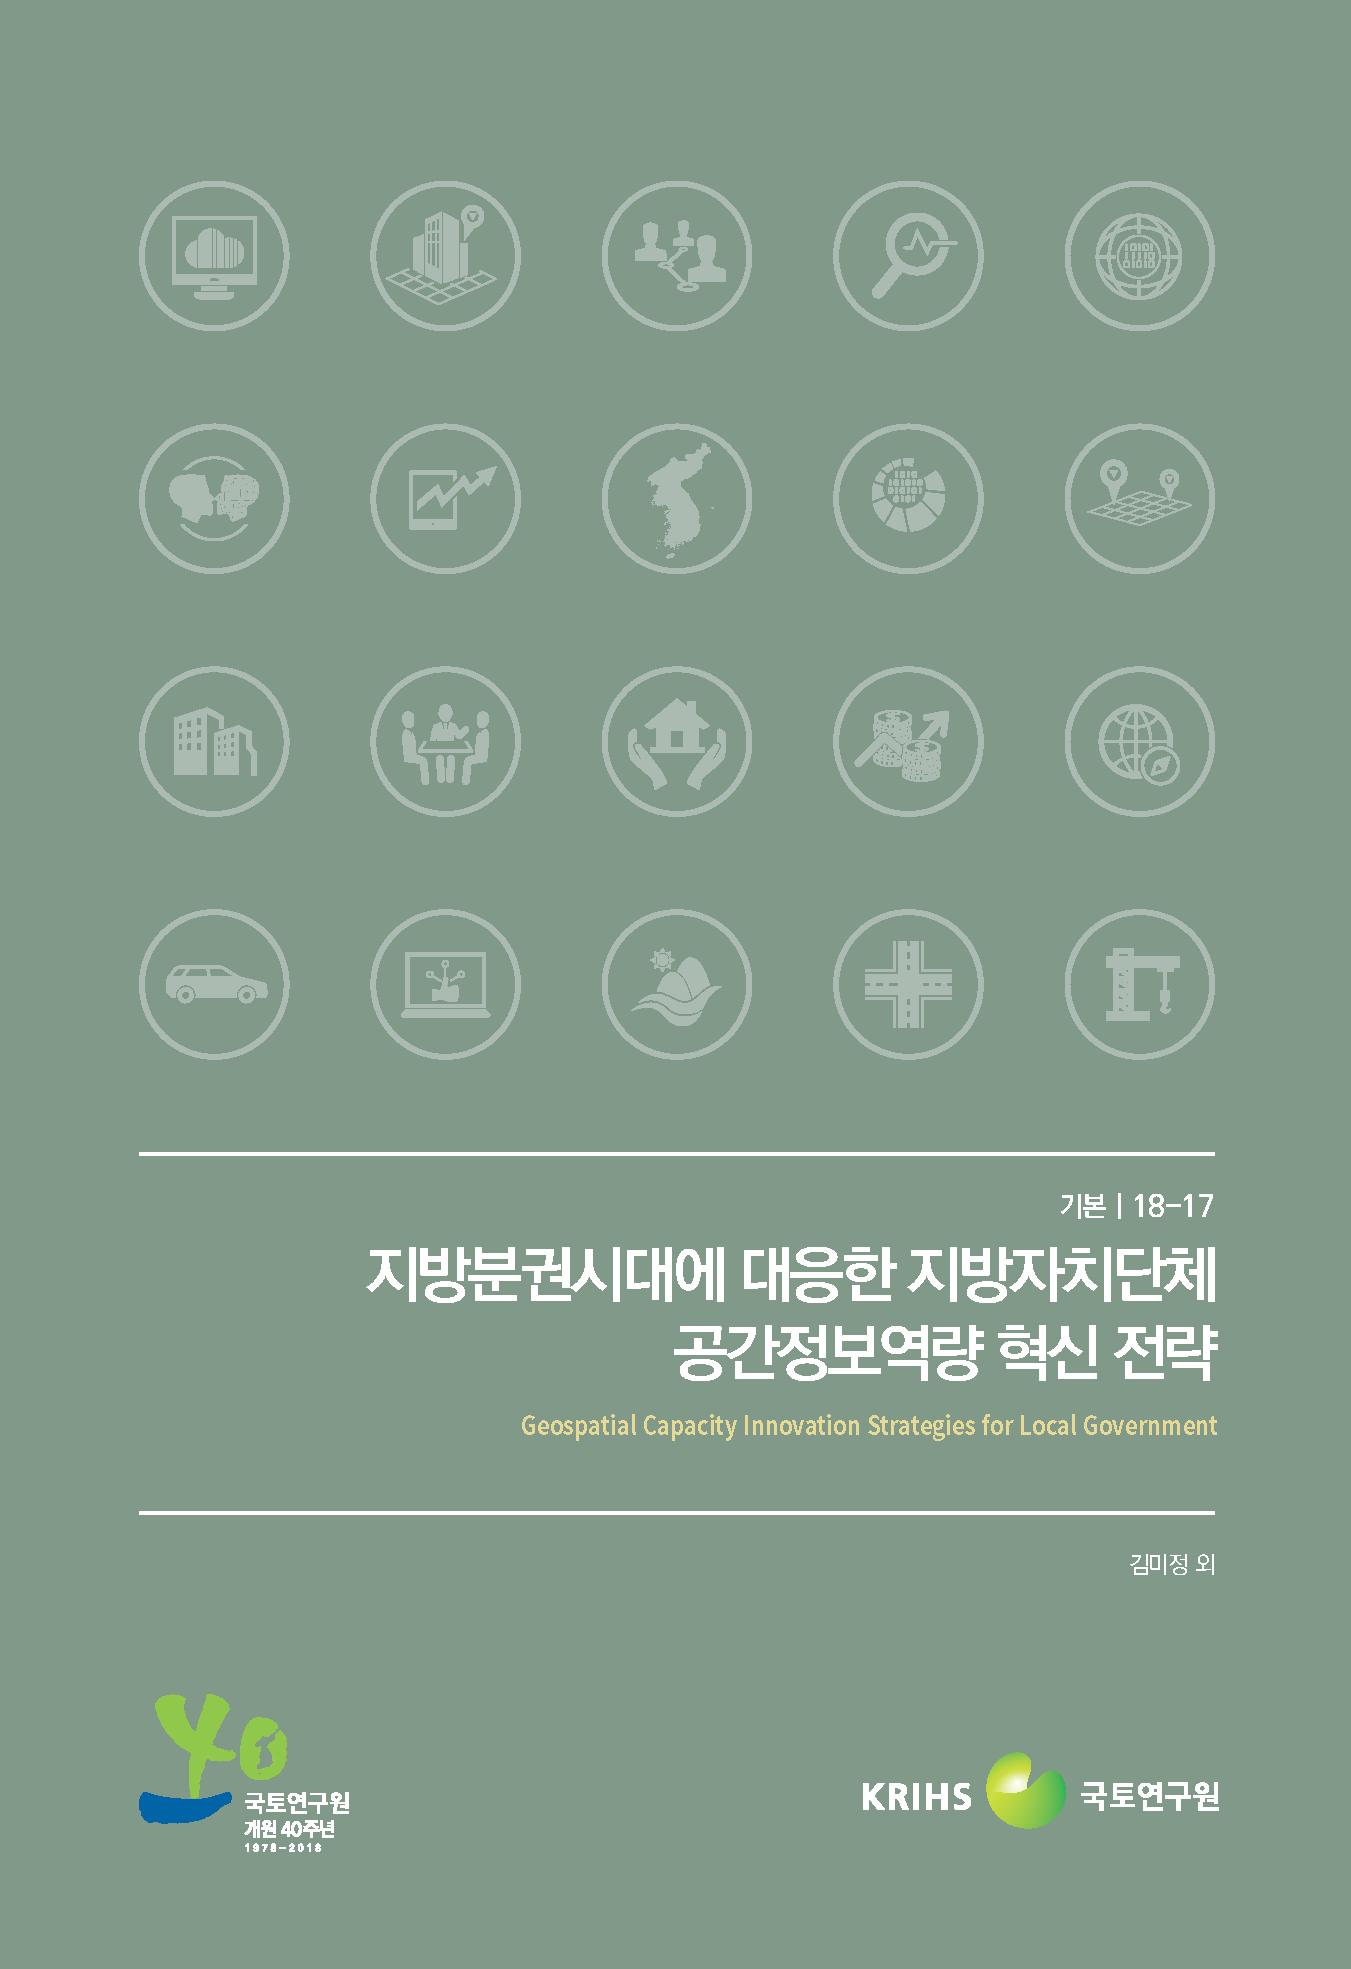 지방분권시대에 대응한 지방자치단체 공간정보역량 혁신 전략